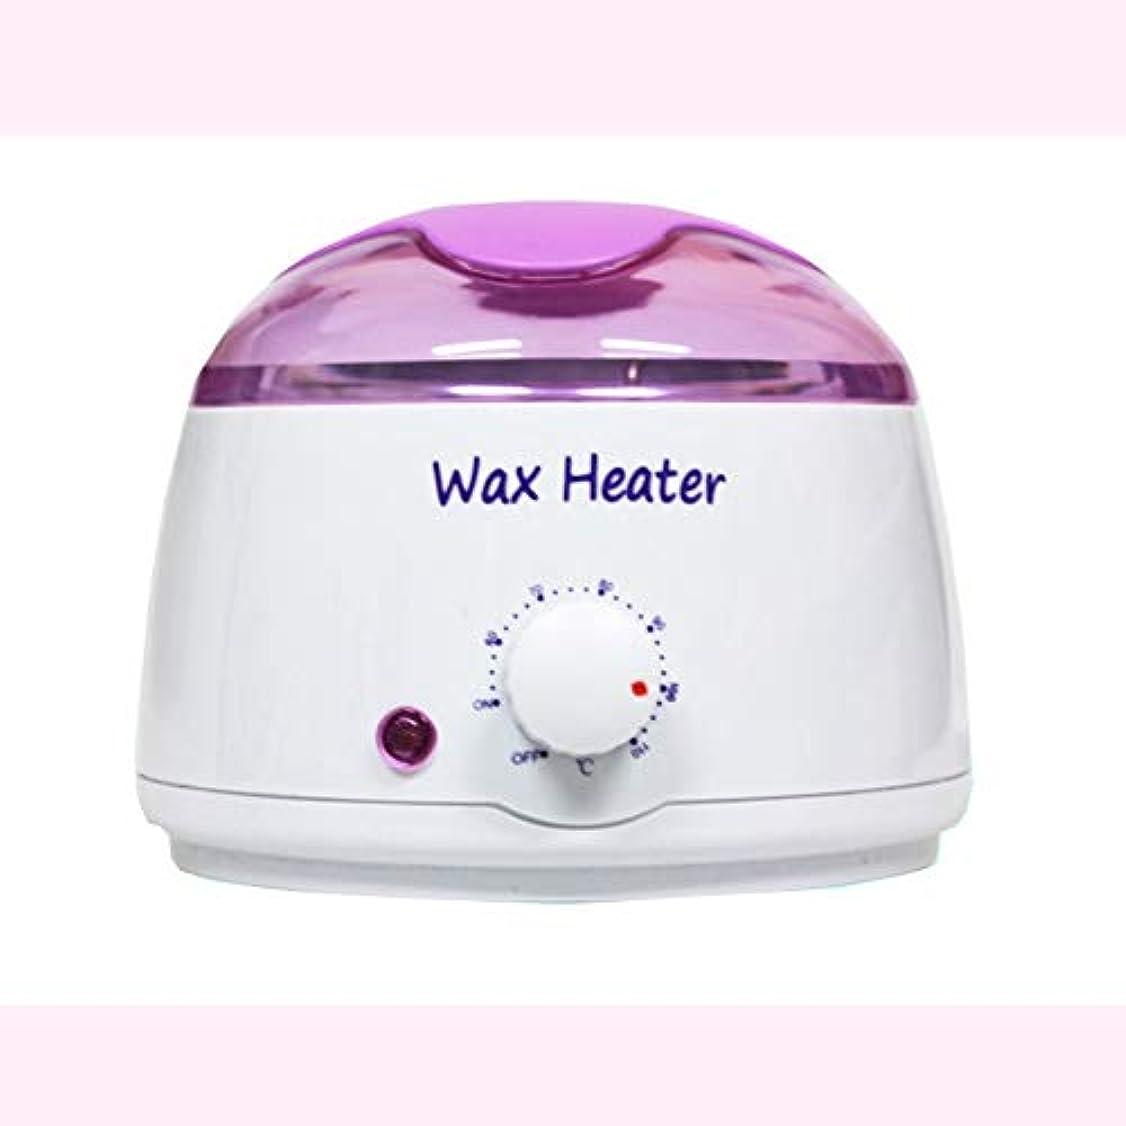 見る魂シンプルさ専門の電気ワックスのウォーマーおよびヒーター、女性/人のための毛の取り外しの家のワックスのためのワックスのメルターは小型多機能のワックス機械を熱します